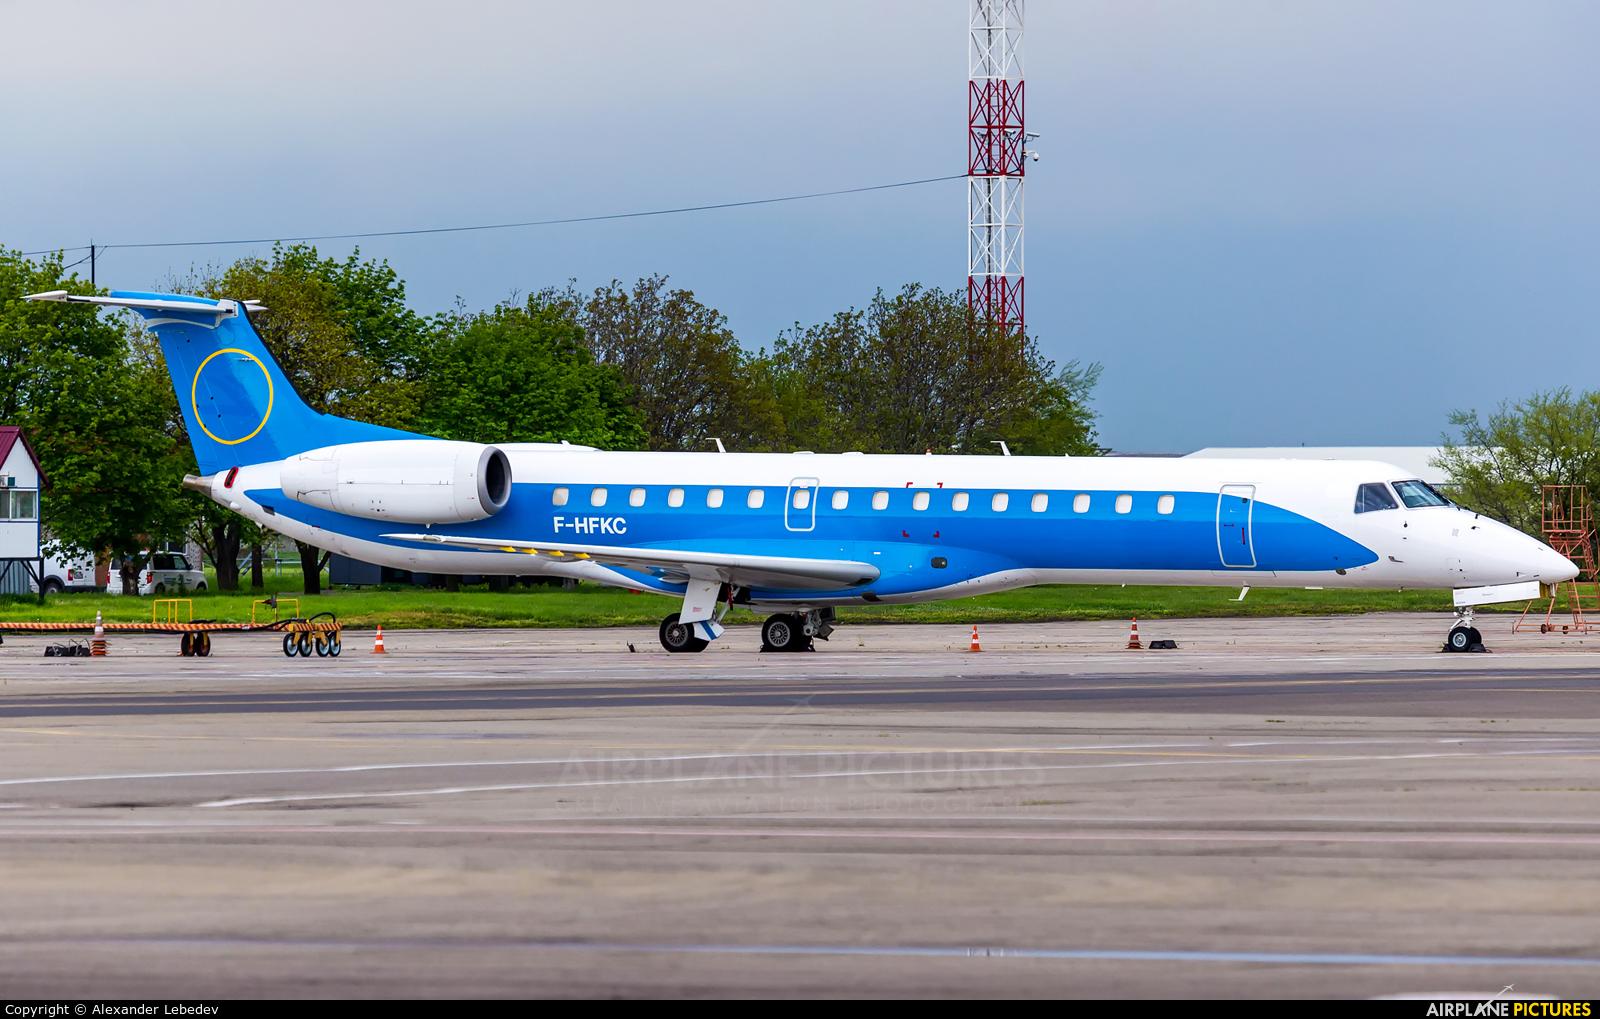 Enhance Aero Maintenance F-HFKC aircraft at Krasnodar